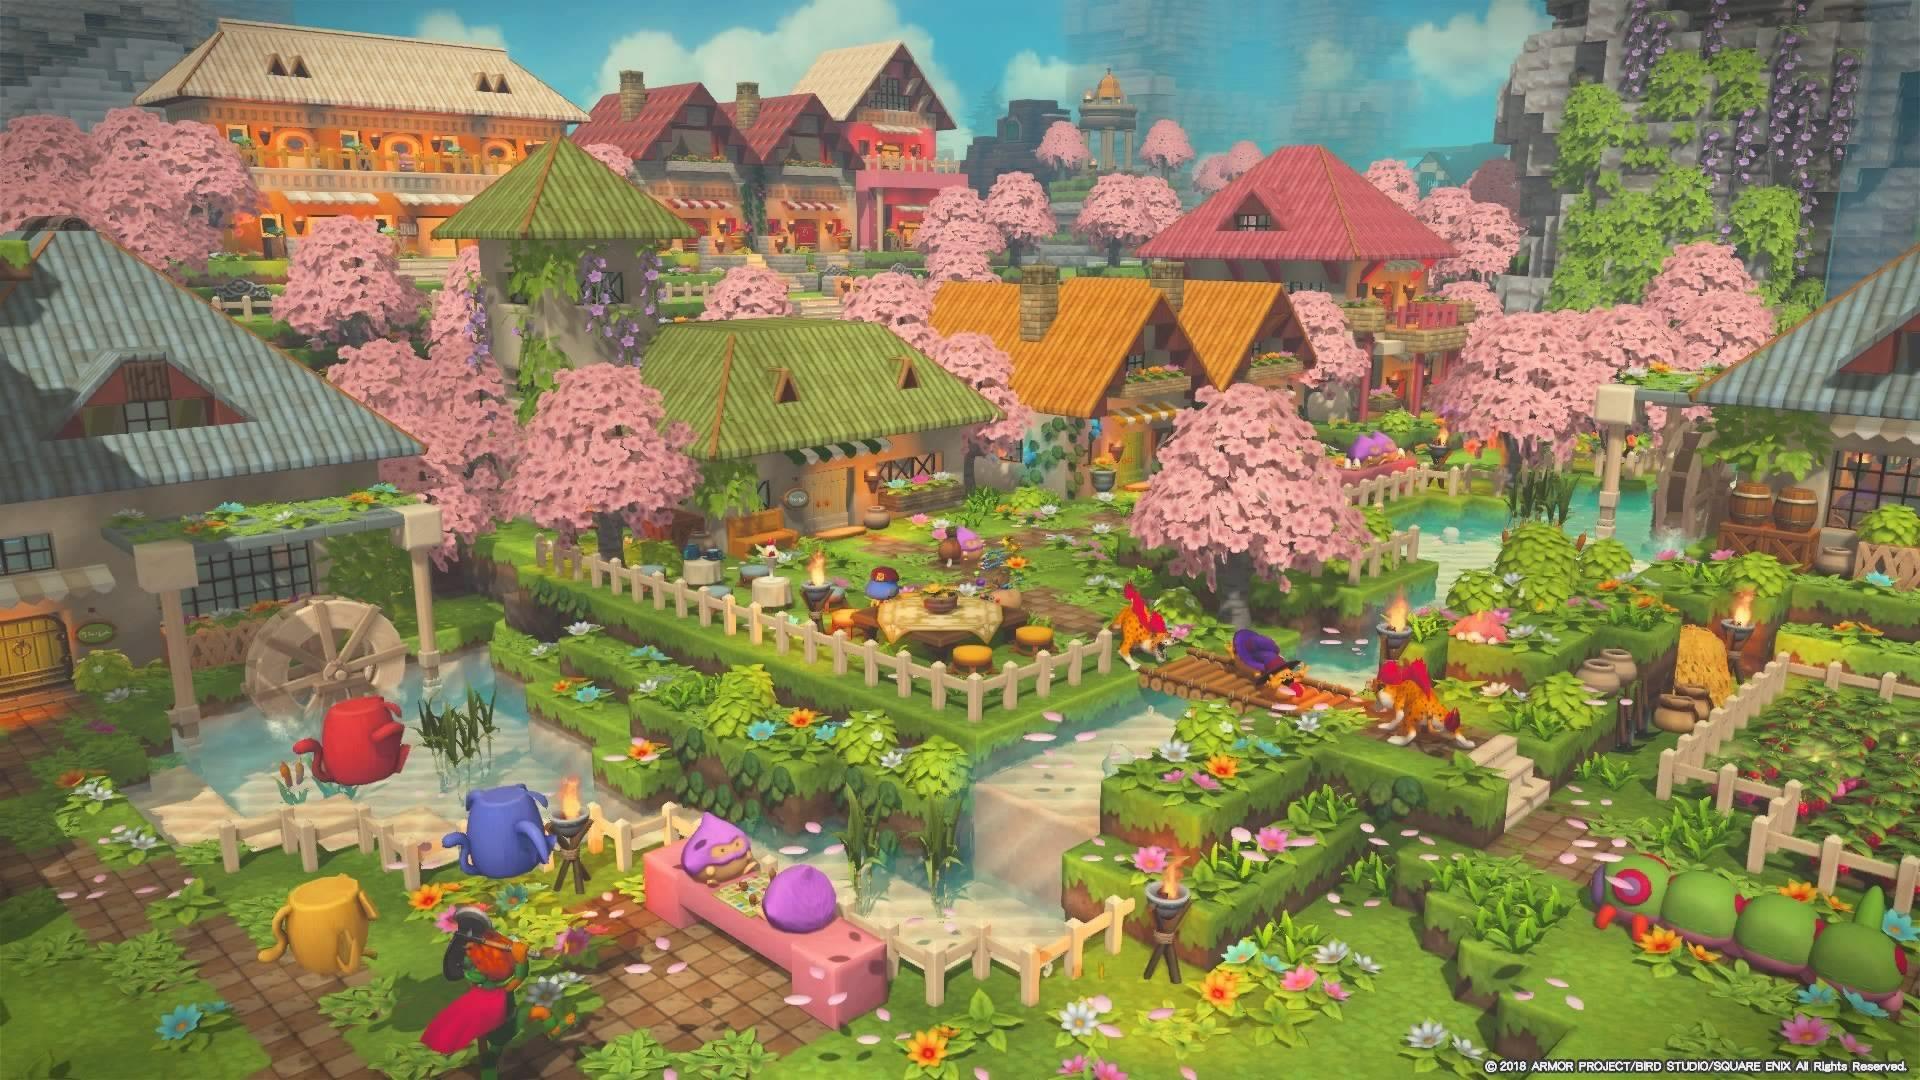 ビルダーズギャラリー ドラゴンクエストビルダーズ2 Square Enix どうぶつの森 マインクラフトの家 ビルダーズ